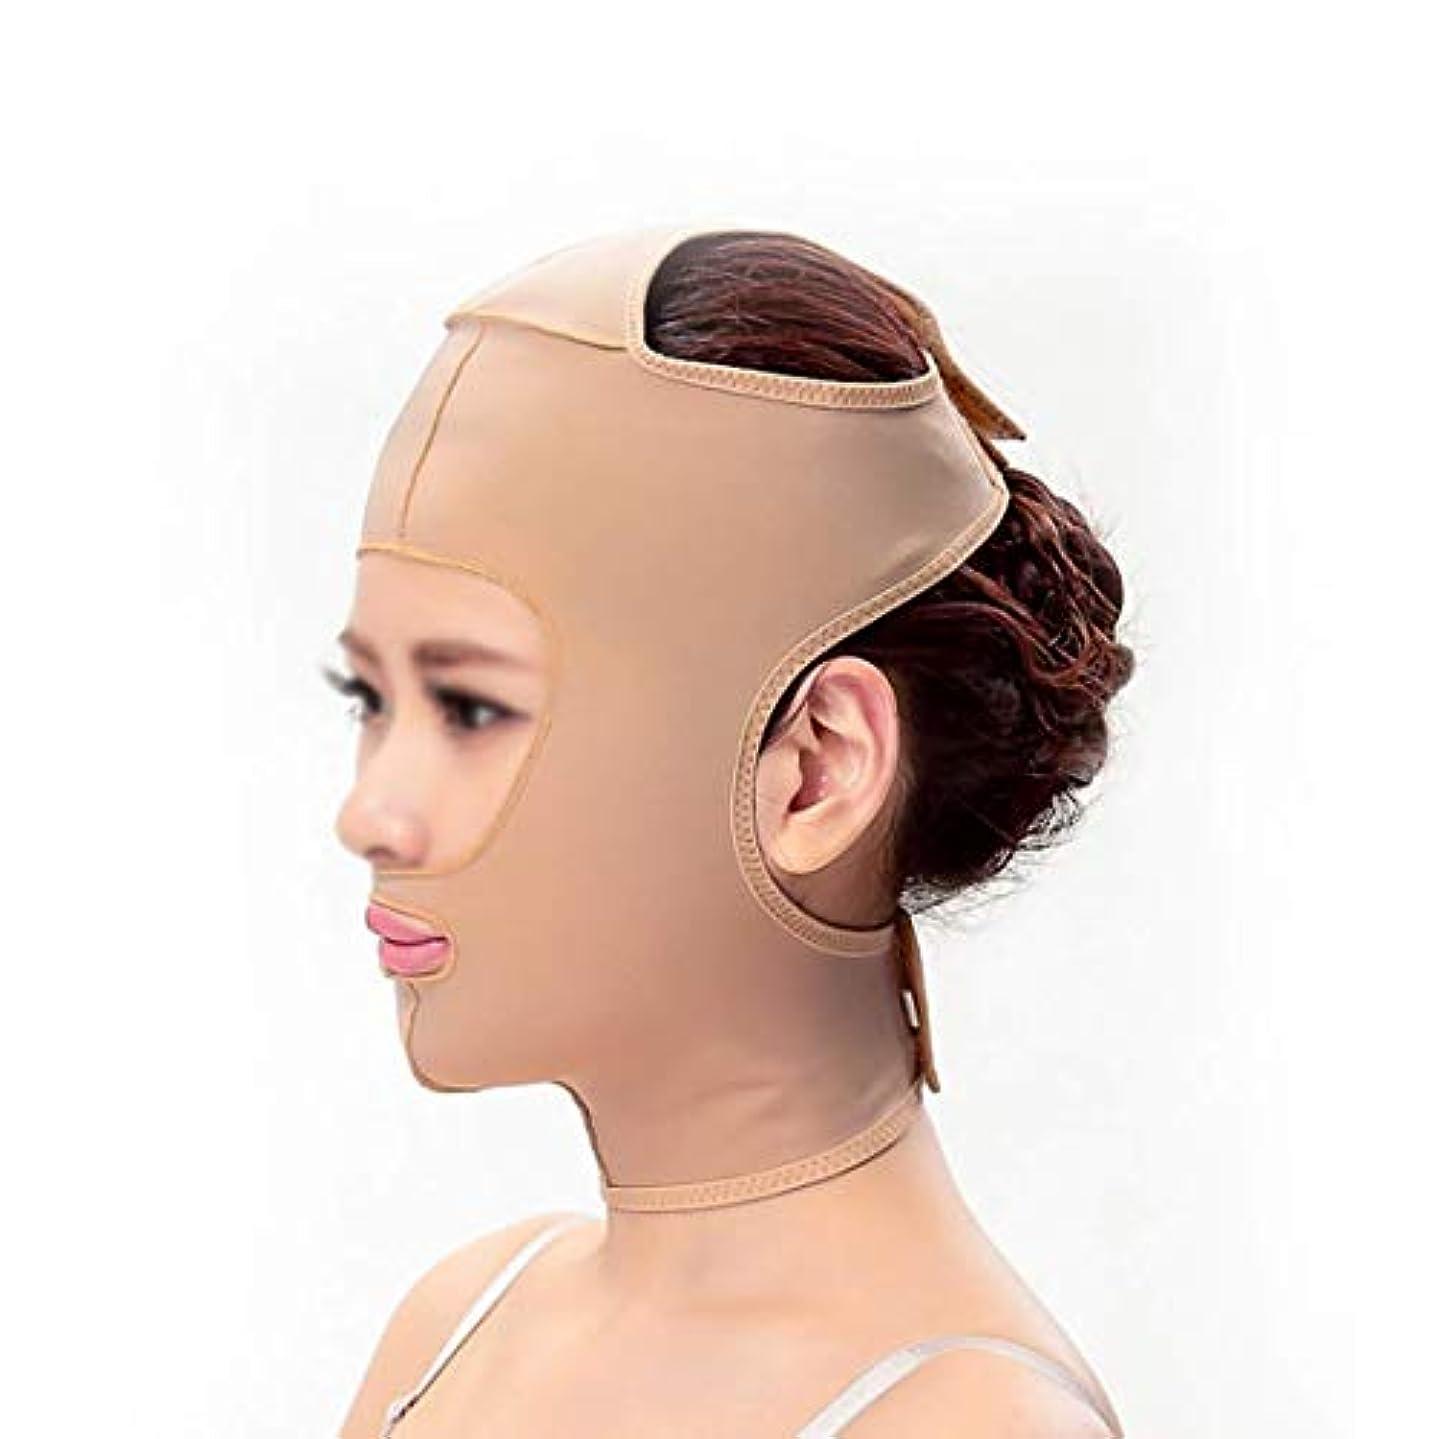 ビデオページェント暫定スリミングベルト、二重あごの引き締め顔面プラスチックフェイスアーティファクト強力なフェイスバンデージをサイズアップするために顔面マスクシンフェイスマスク,ザ?